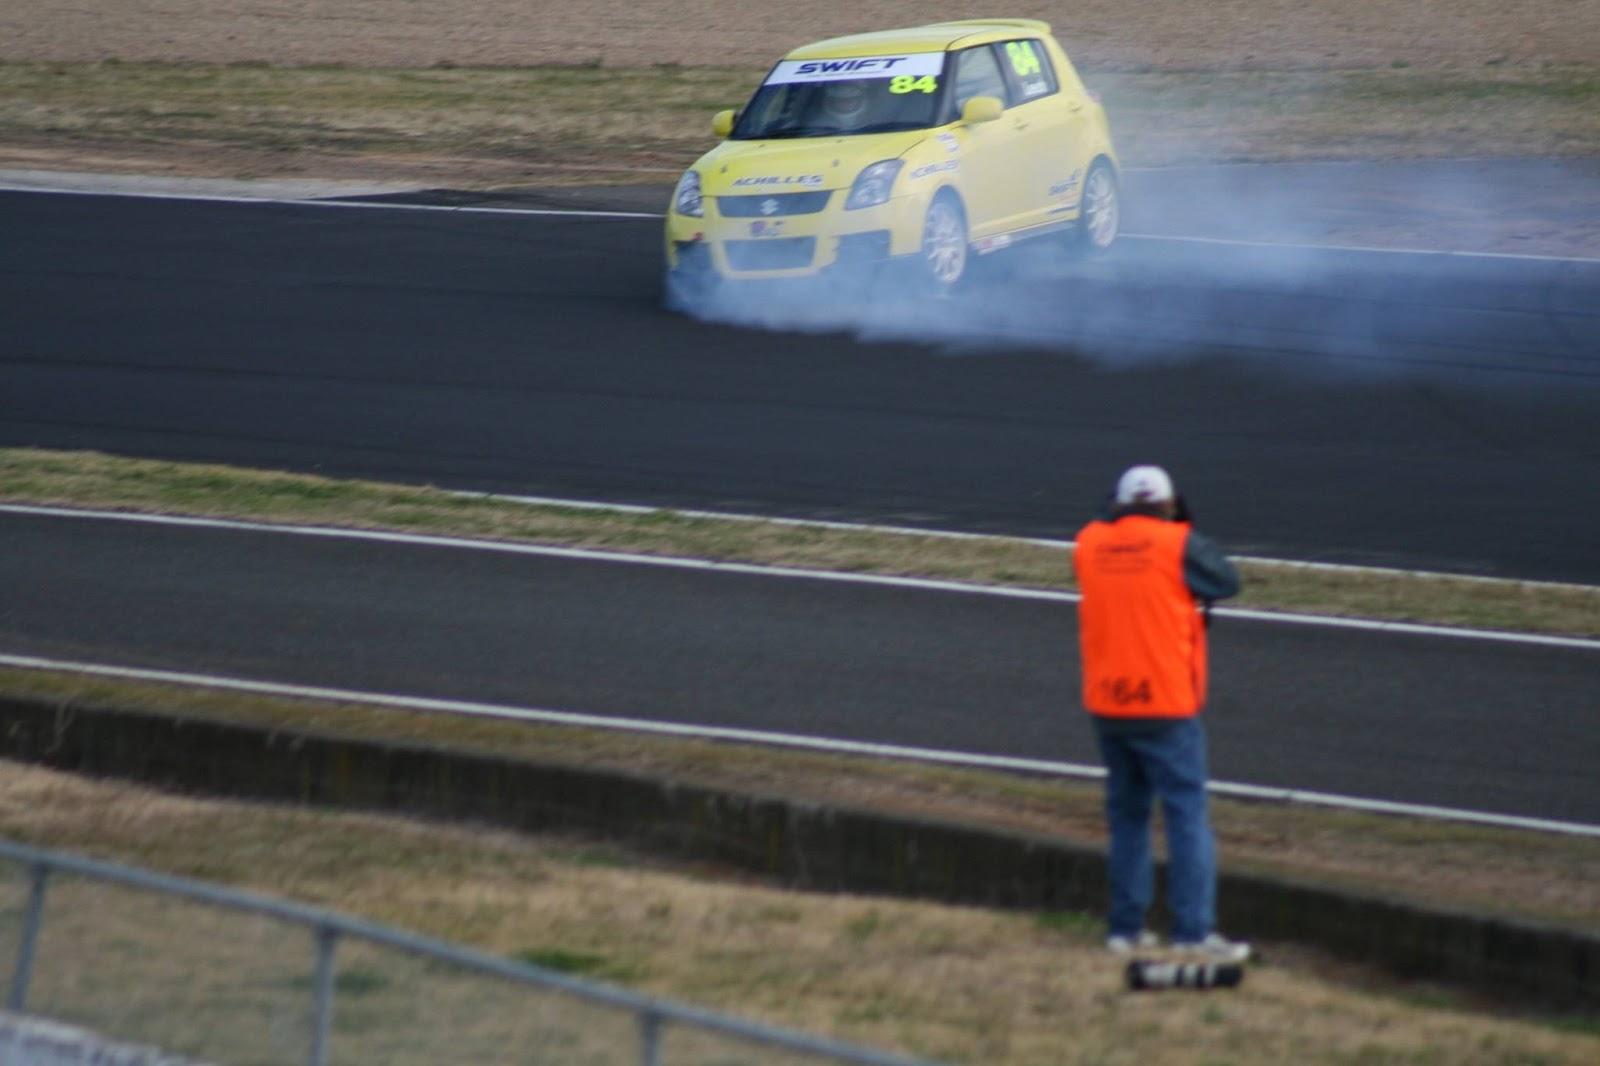 Australian Swift Racing Series, sportowe samochody, wyścigi